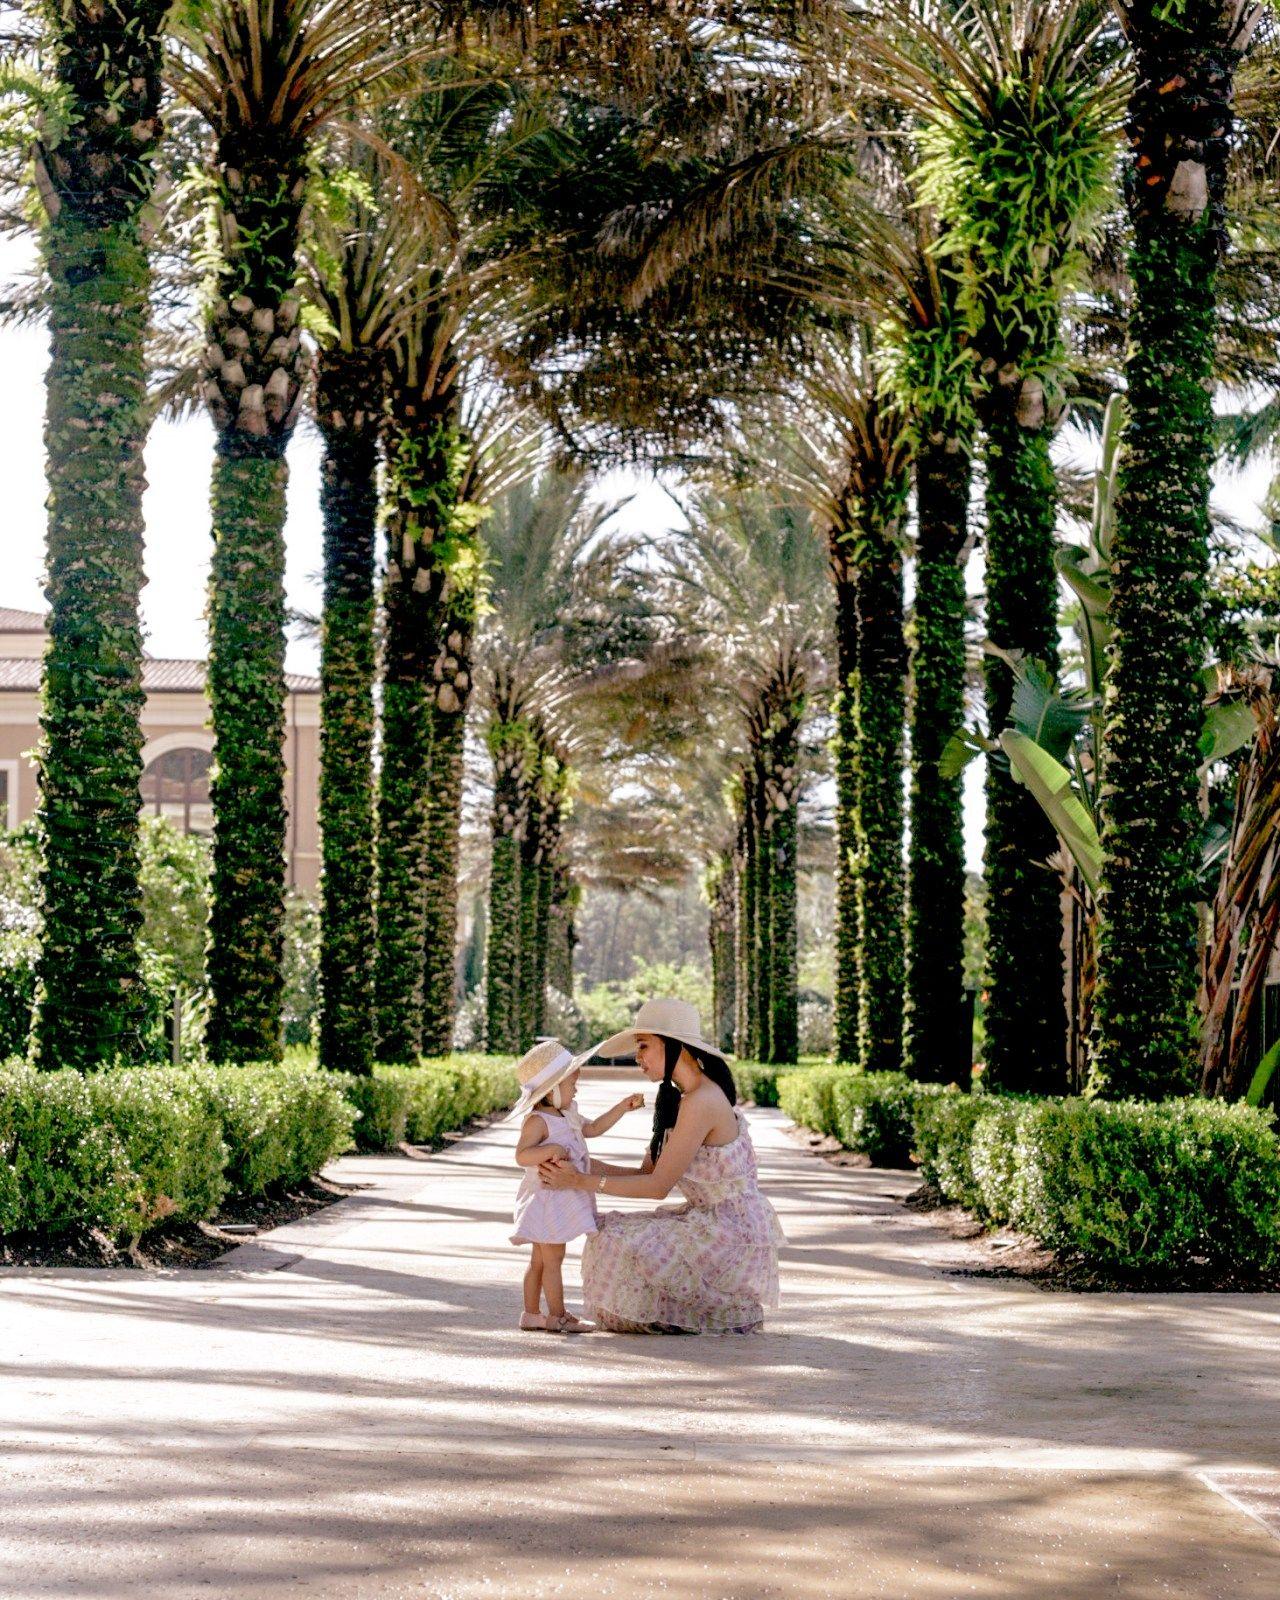 Four Seasons Resort Orlando, Florida | Travel Destinations | Orlando